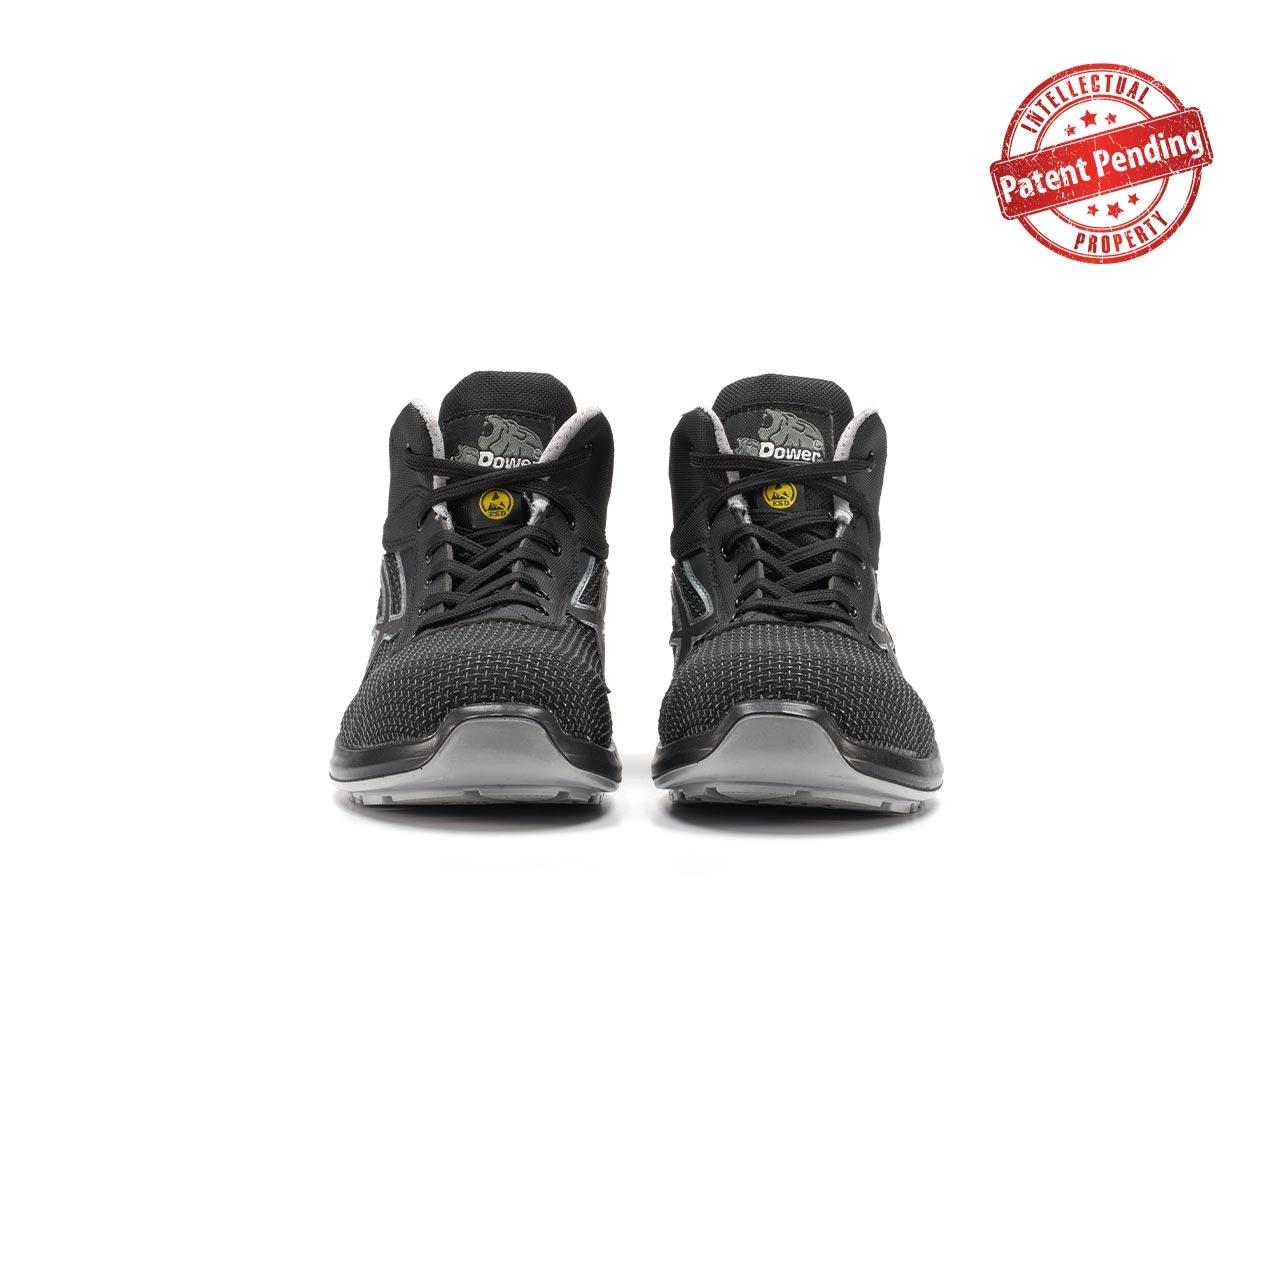 paio di scarpe antinfortunistiche alte upower modello velar linea redup vista frontale